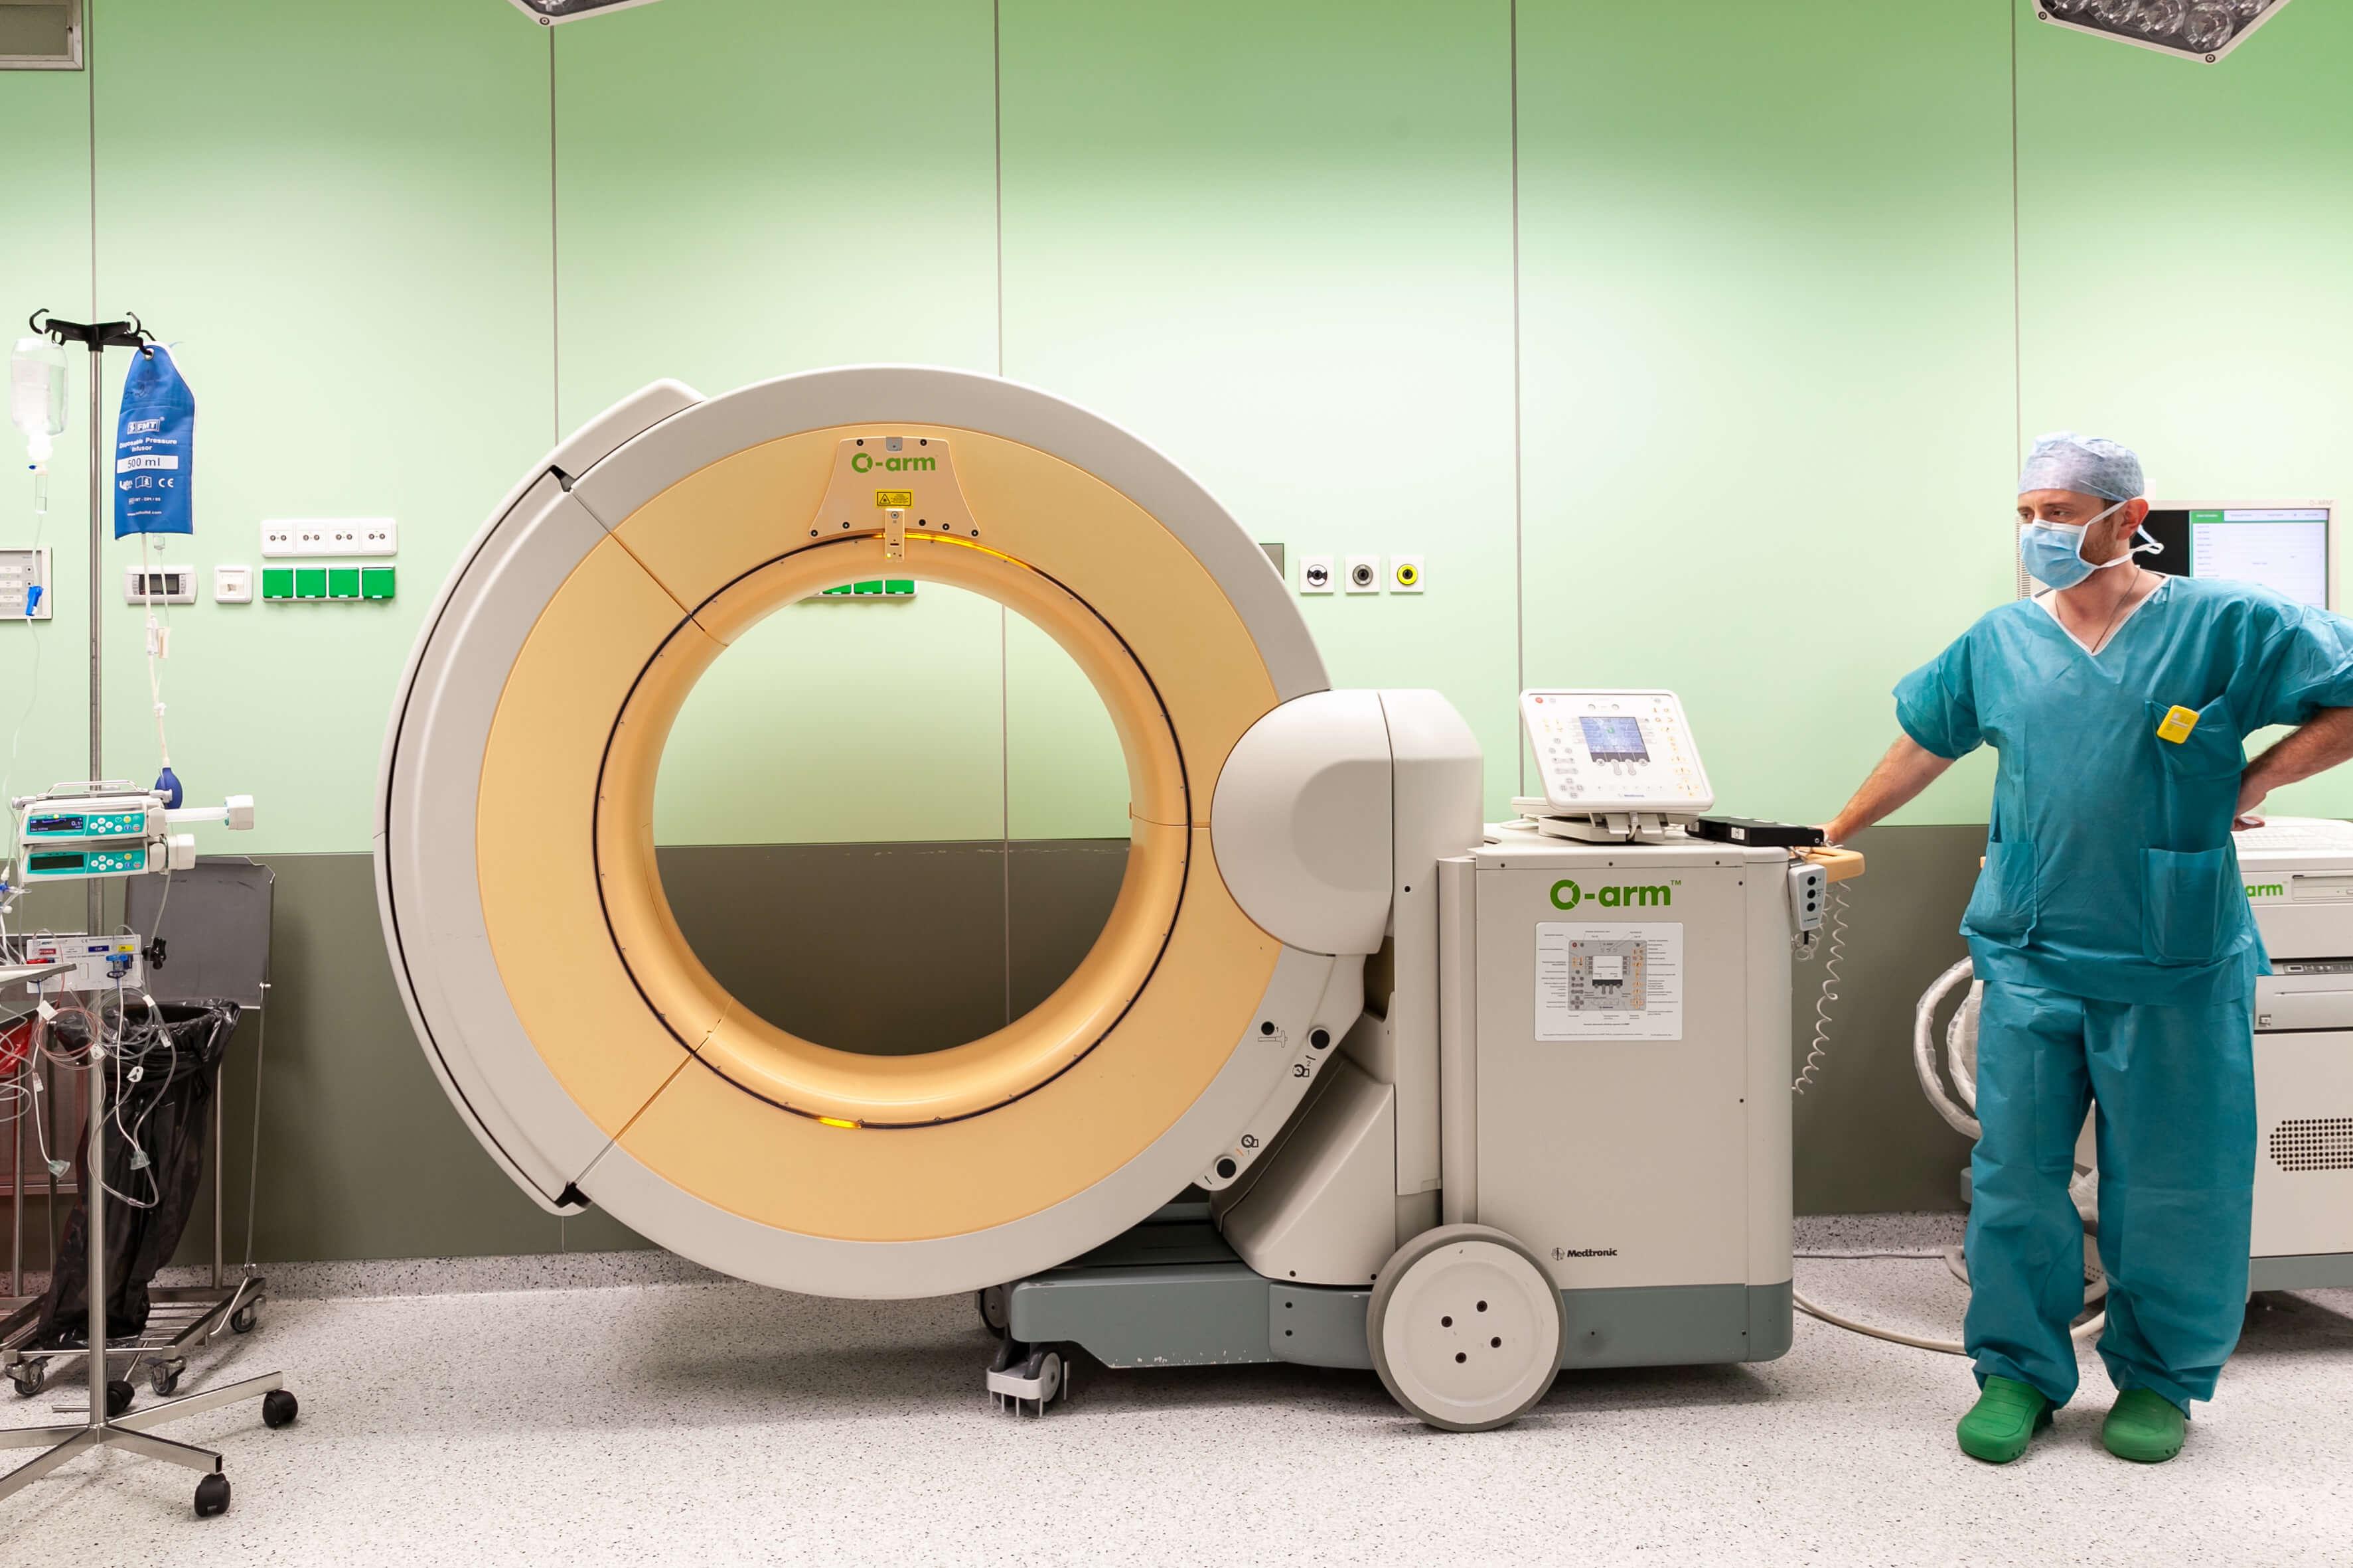 Copernikus 10 - Podmiot leczniczy Copernicus – od nowoczesnej neurochirurgii, ortopedii po laseroterapię